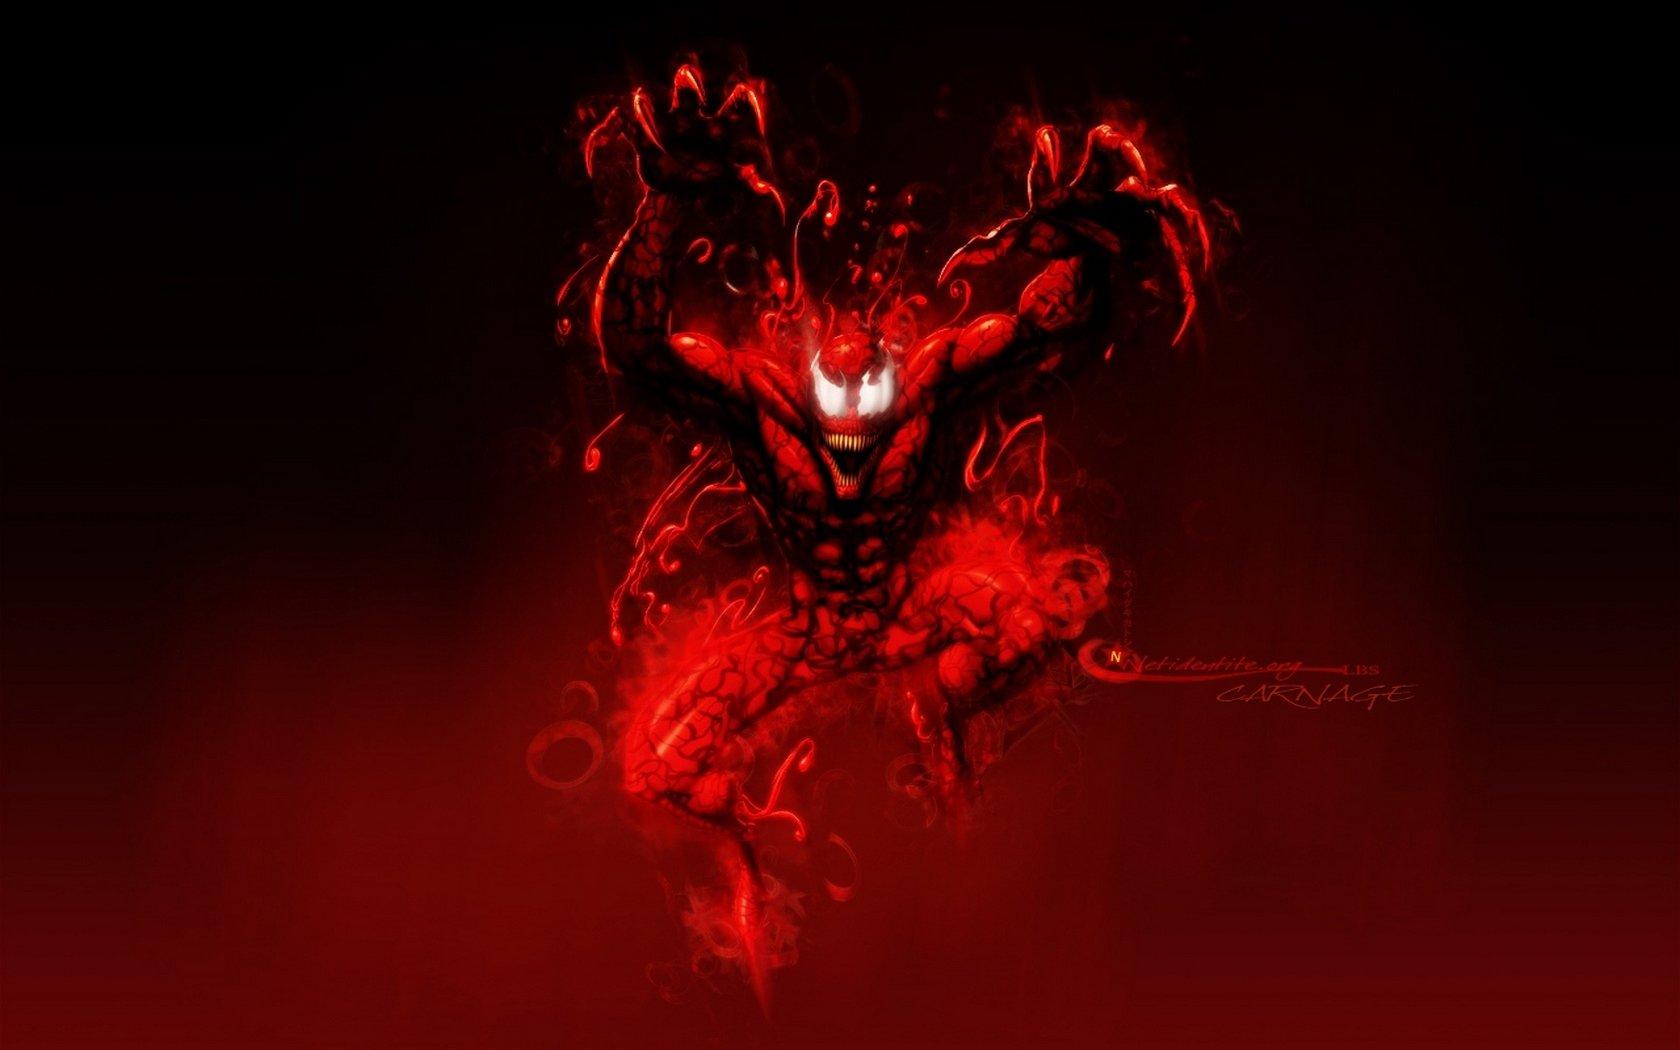 venom and carnage wallpaper wallpapersafari